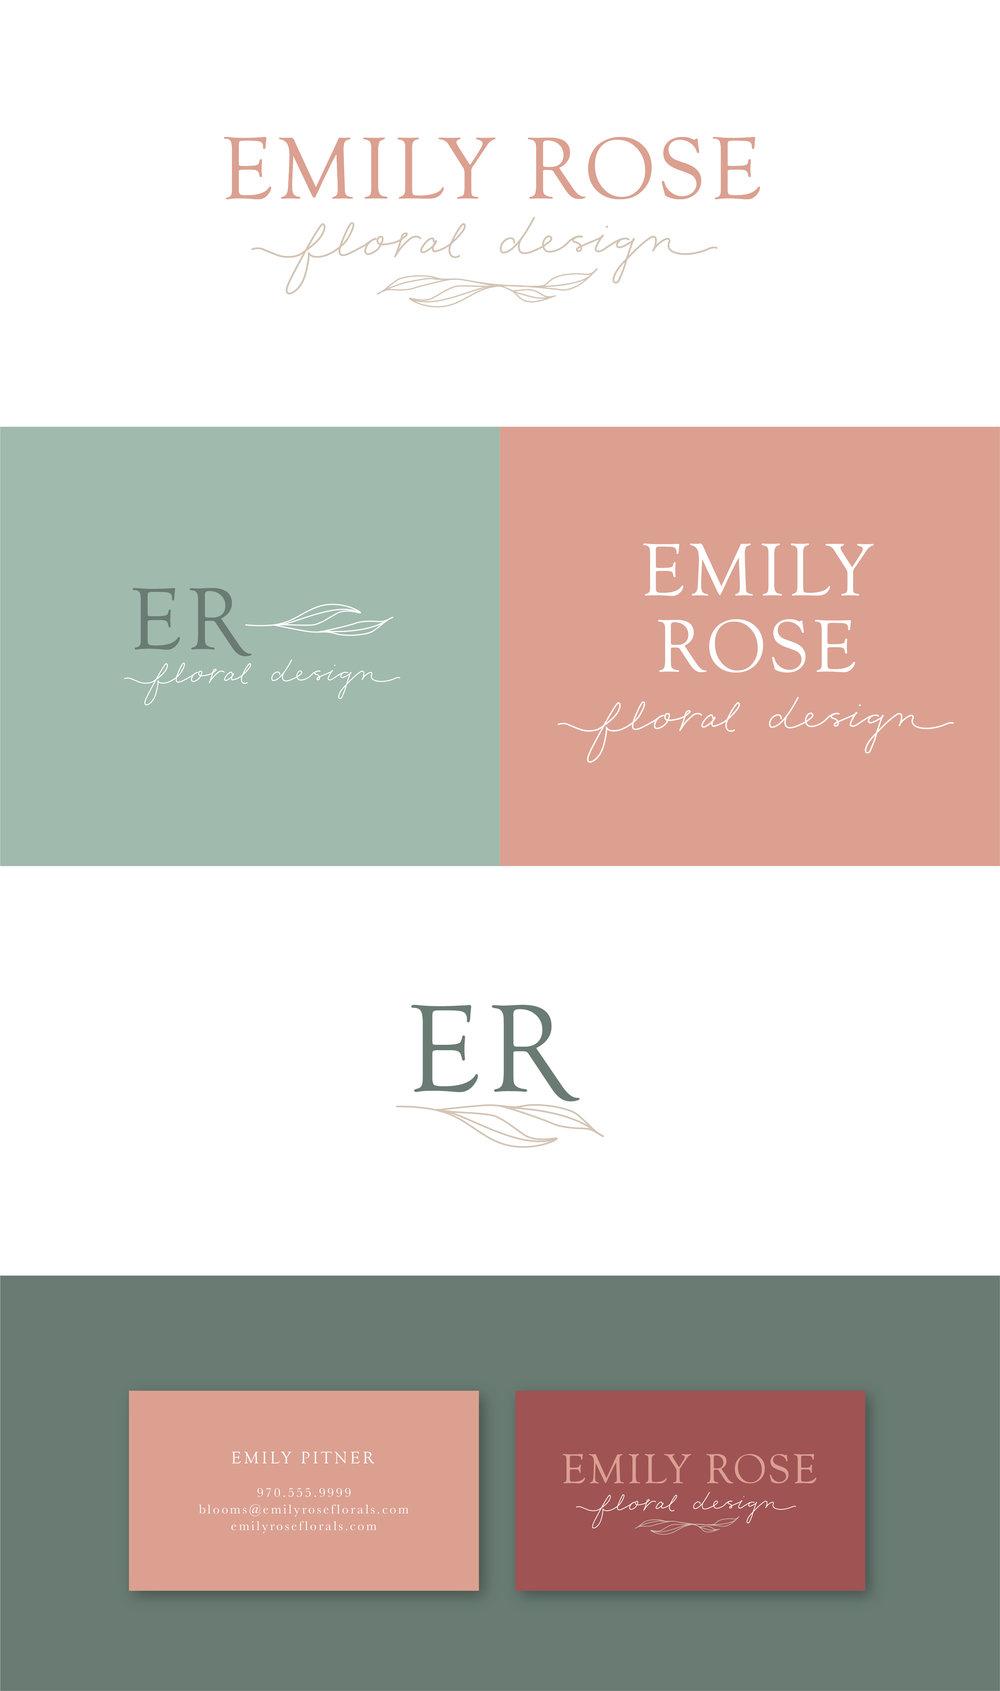 EmilyRose_FirstLook-07.jpg